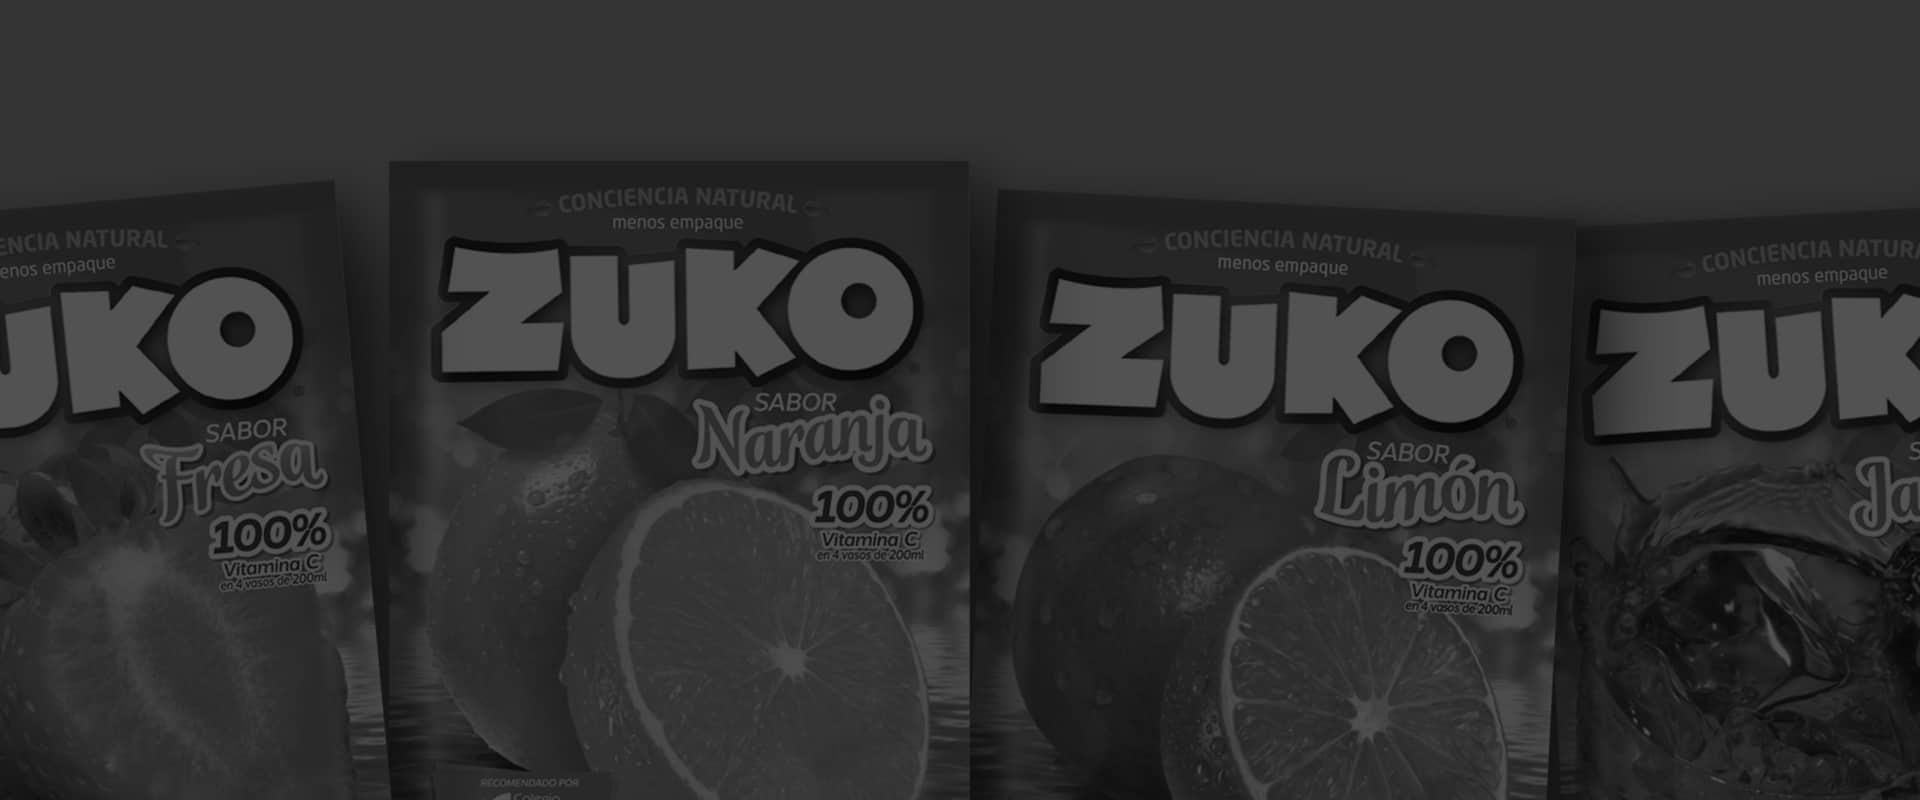 Packaging Design Zuko